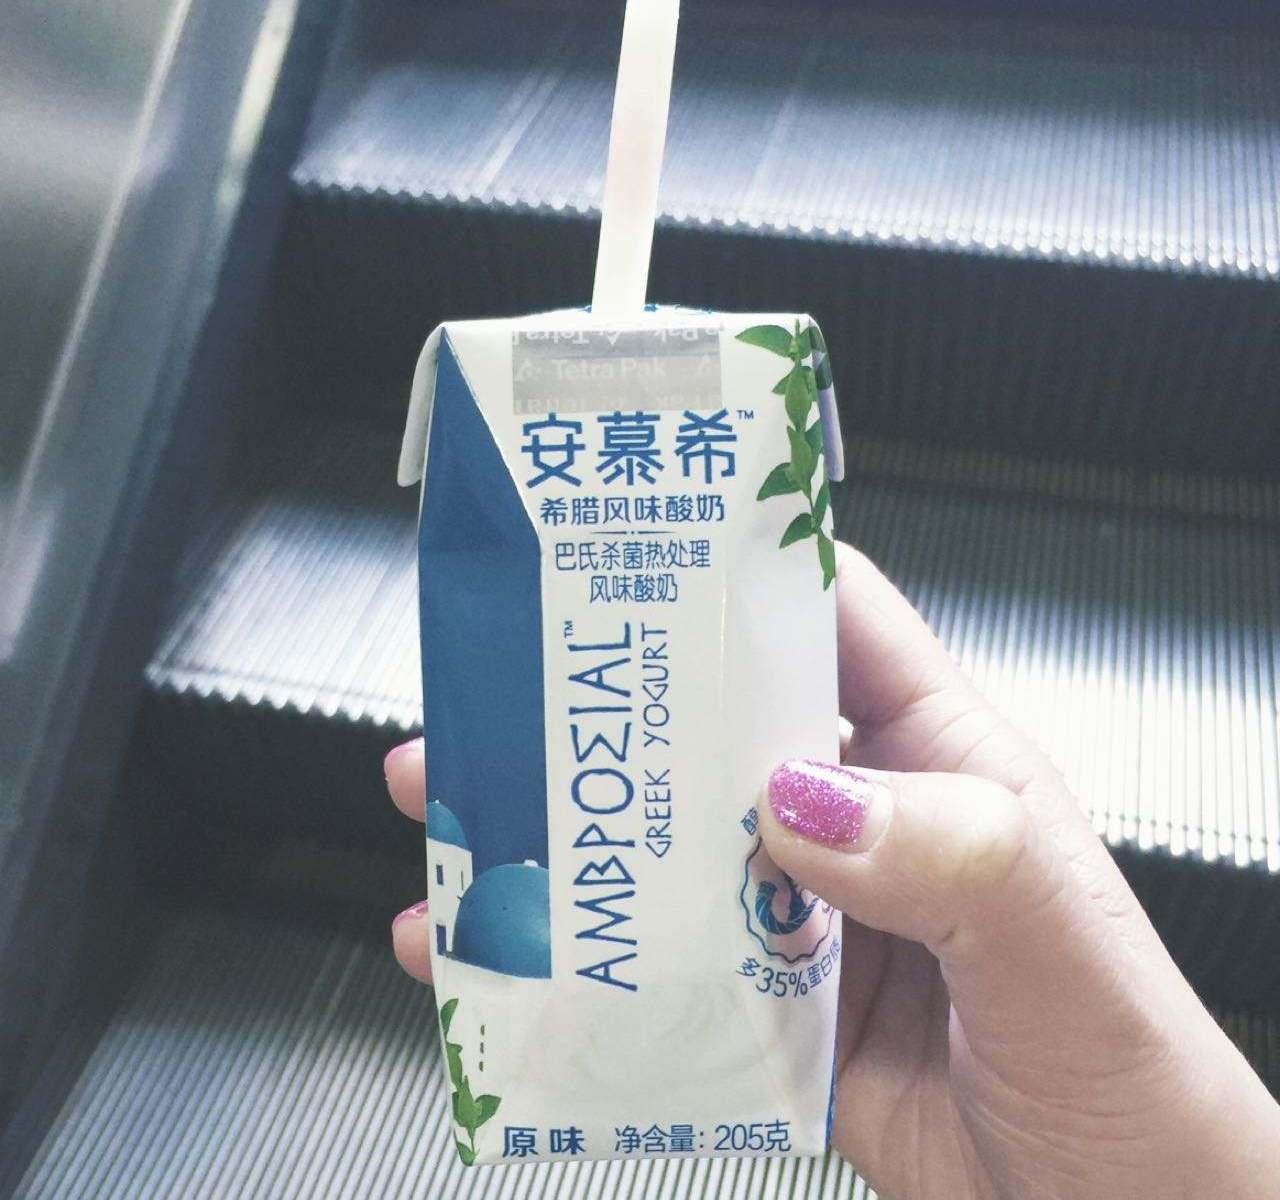 酸奶在什么时候喝好_女生最爱的4种酸奶,安慕希上榜,图3一般人舍不得自己买!_口感